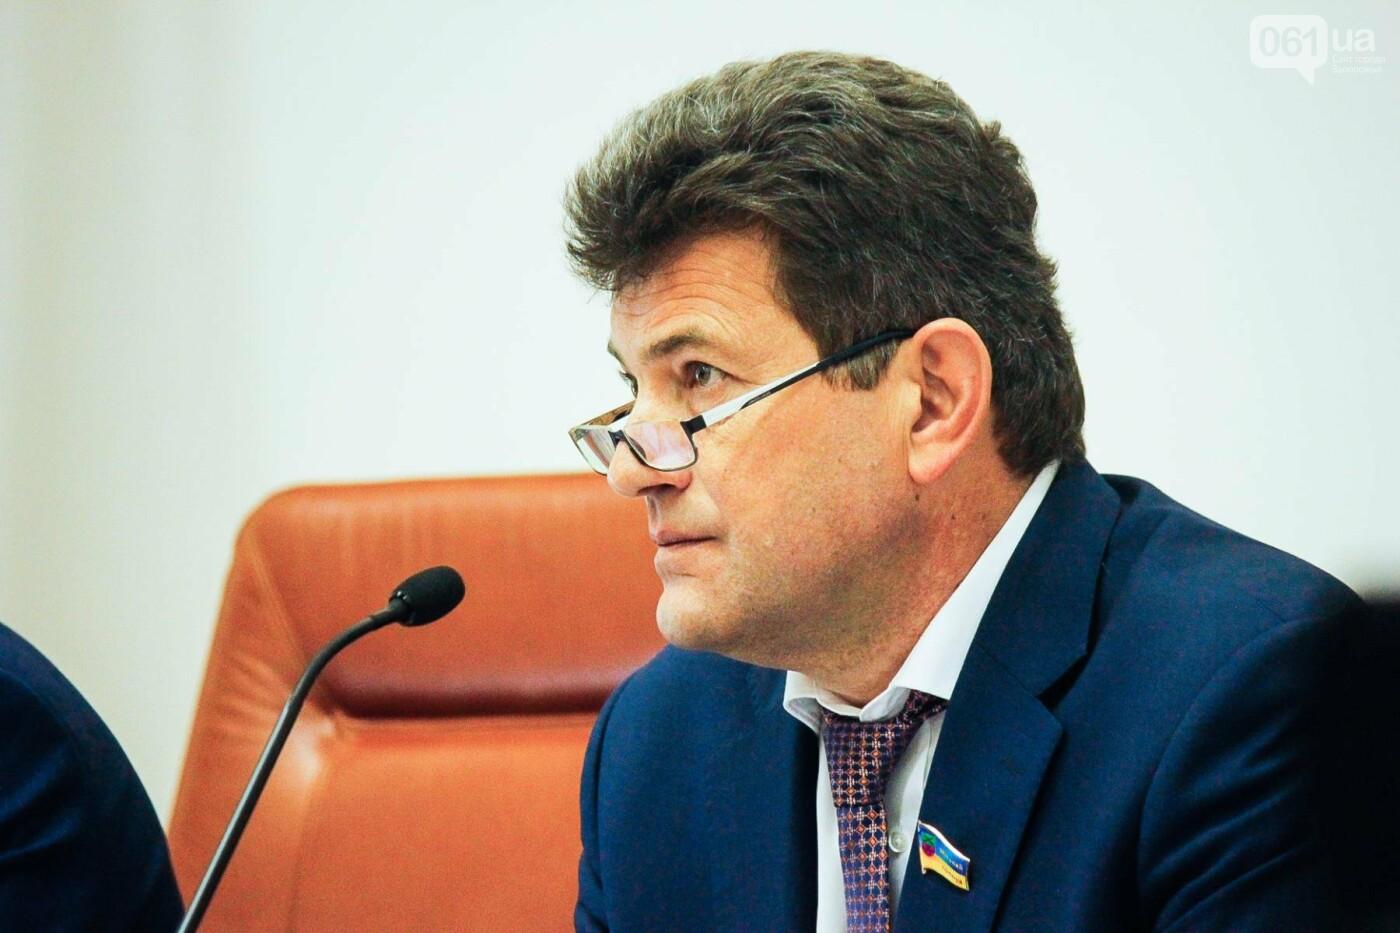 Сессия запорожского горсовета в лицах, - ФОТОРЕПОРТАЖ, фото-7